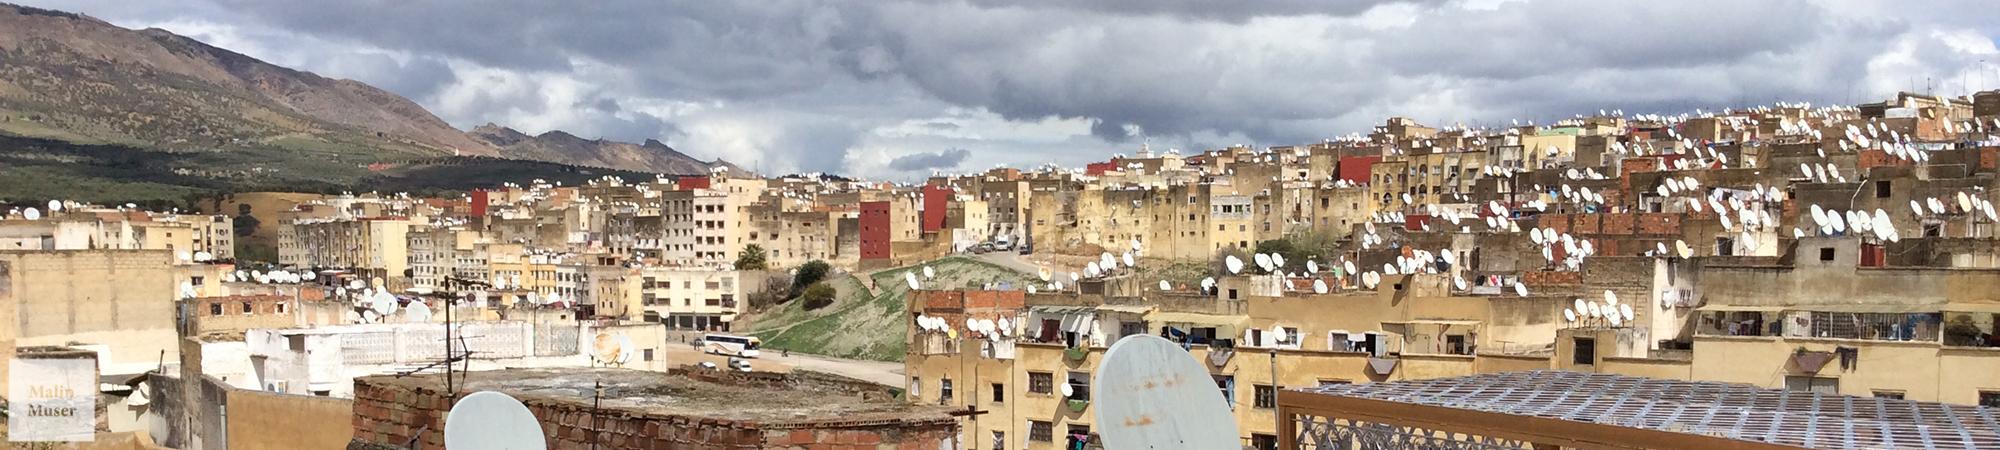 Der Blick über die Dächer von Fes erstaunt zunächst einmal wegen der unzähligen Satelitenschüsseln (Marokko)